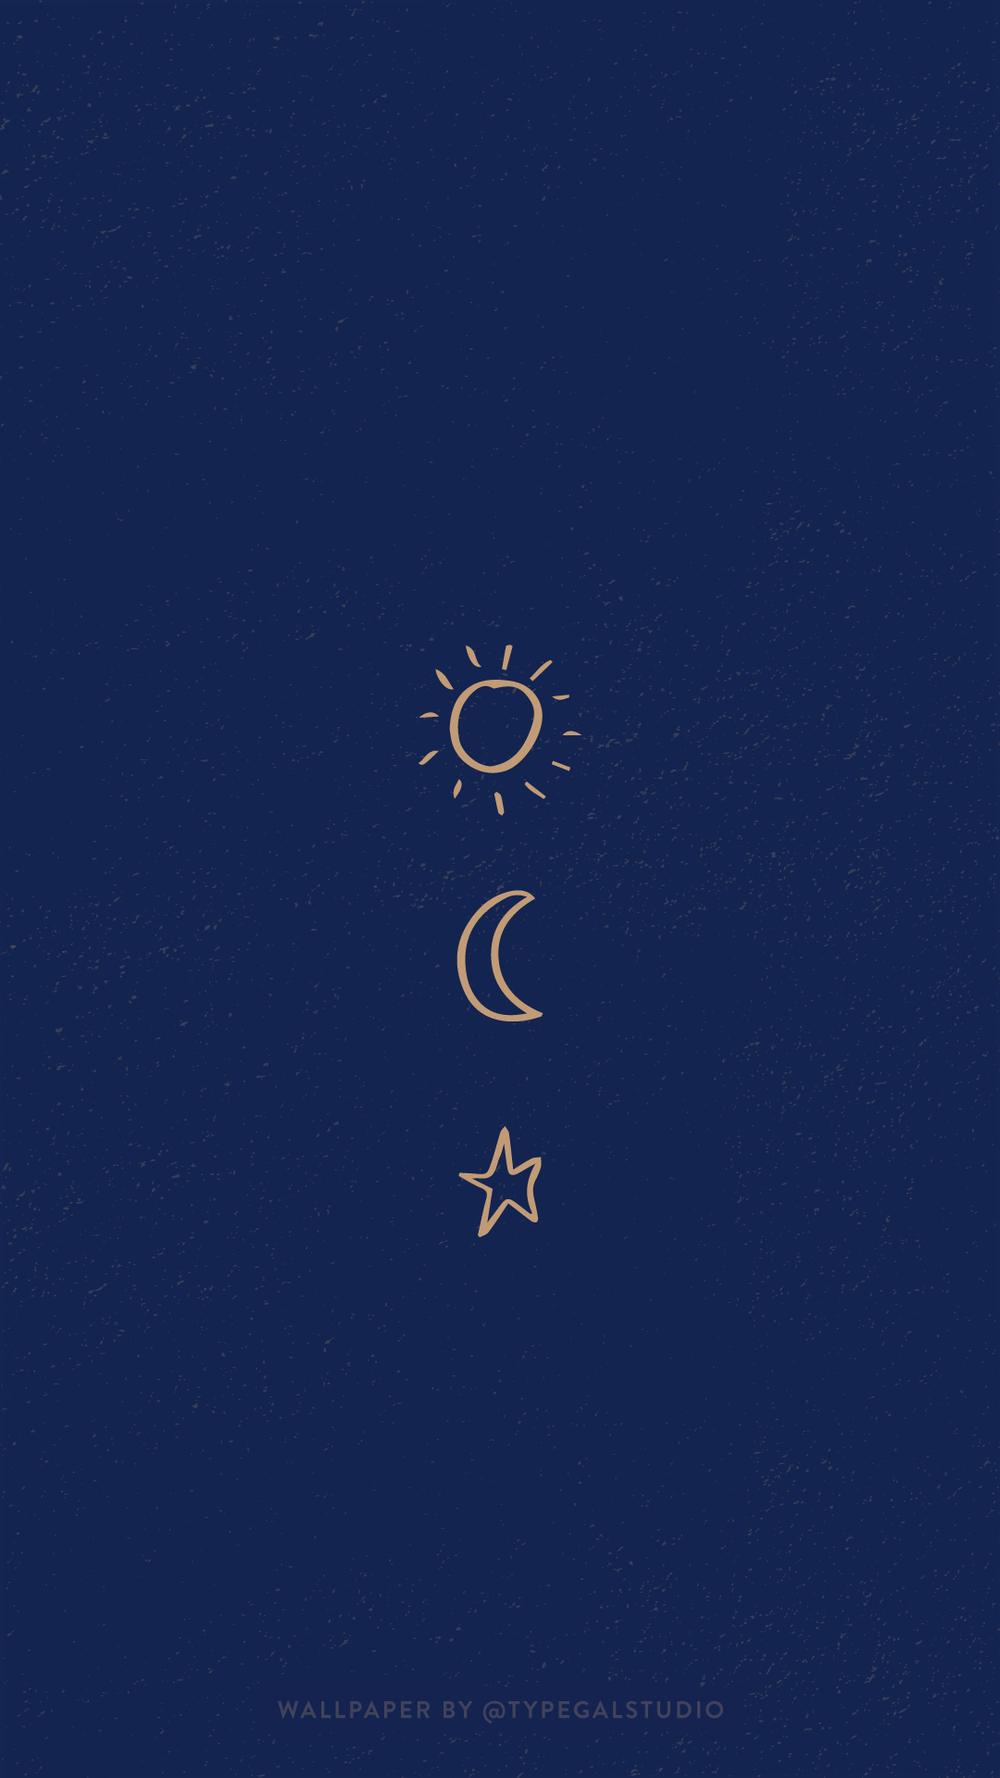 sun-moon-star-wallpaper.png